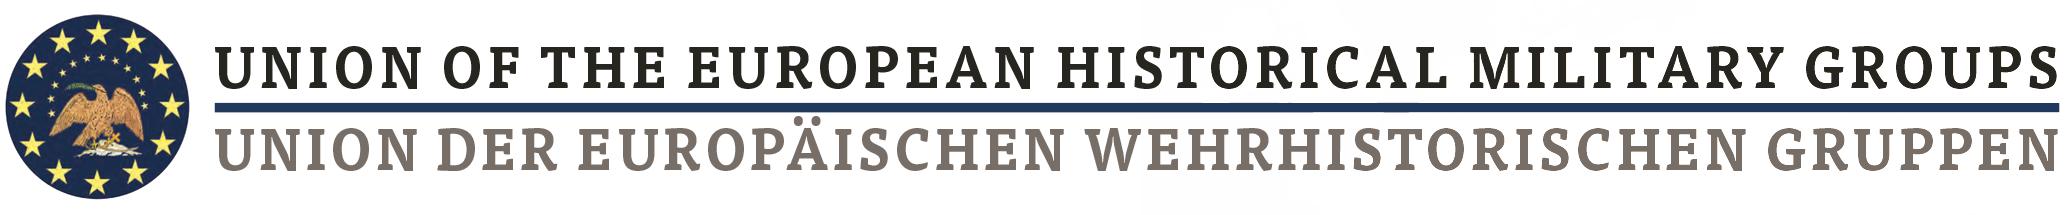 Union der Europäischen Wehrhistorischen Gruppen